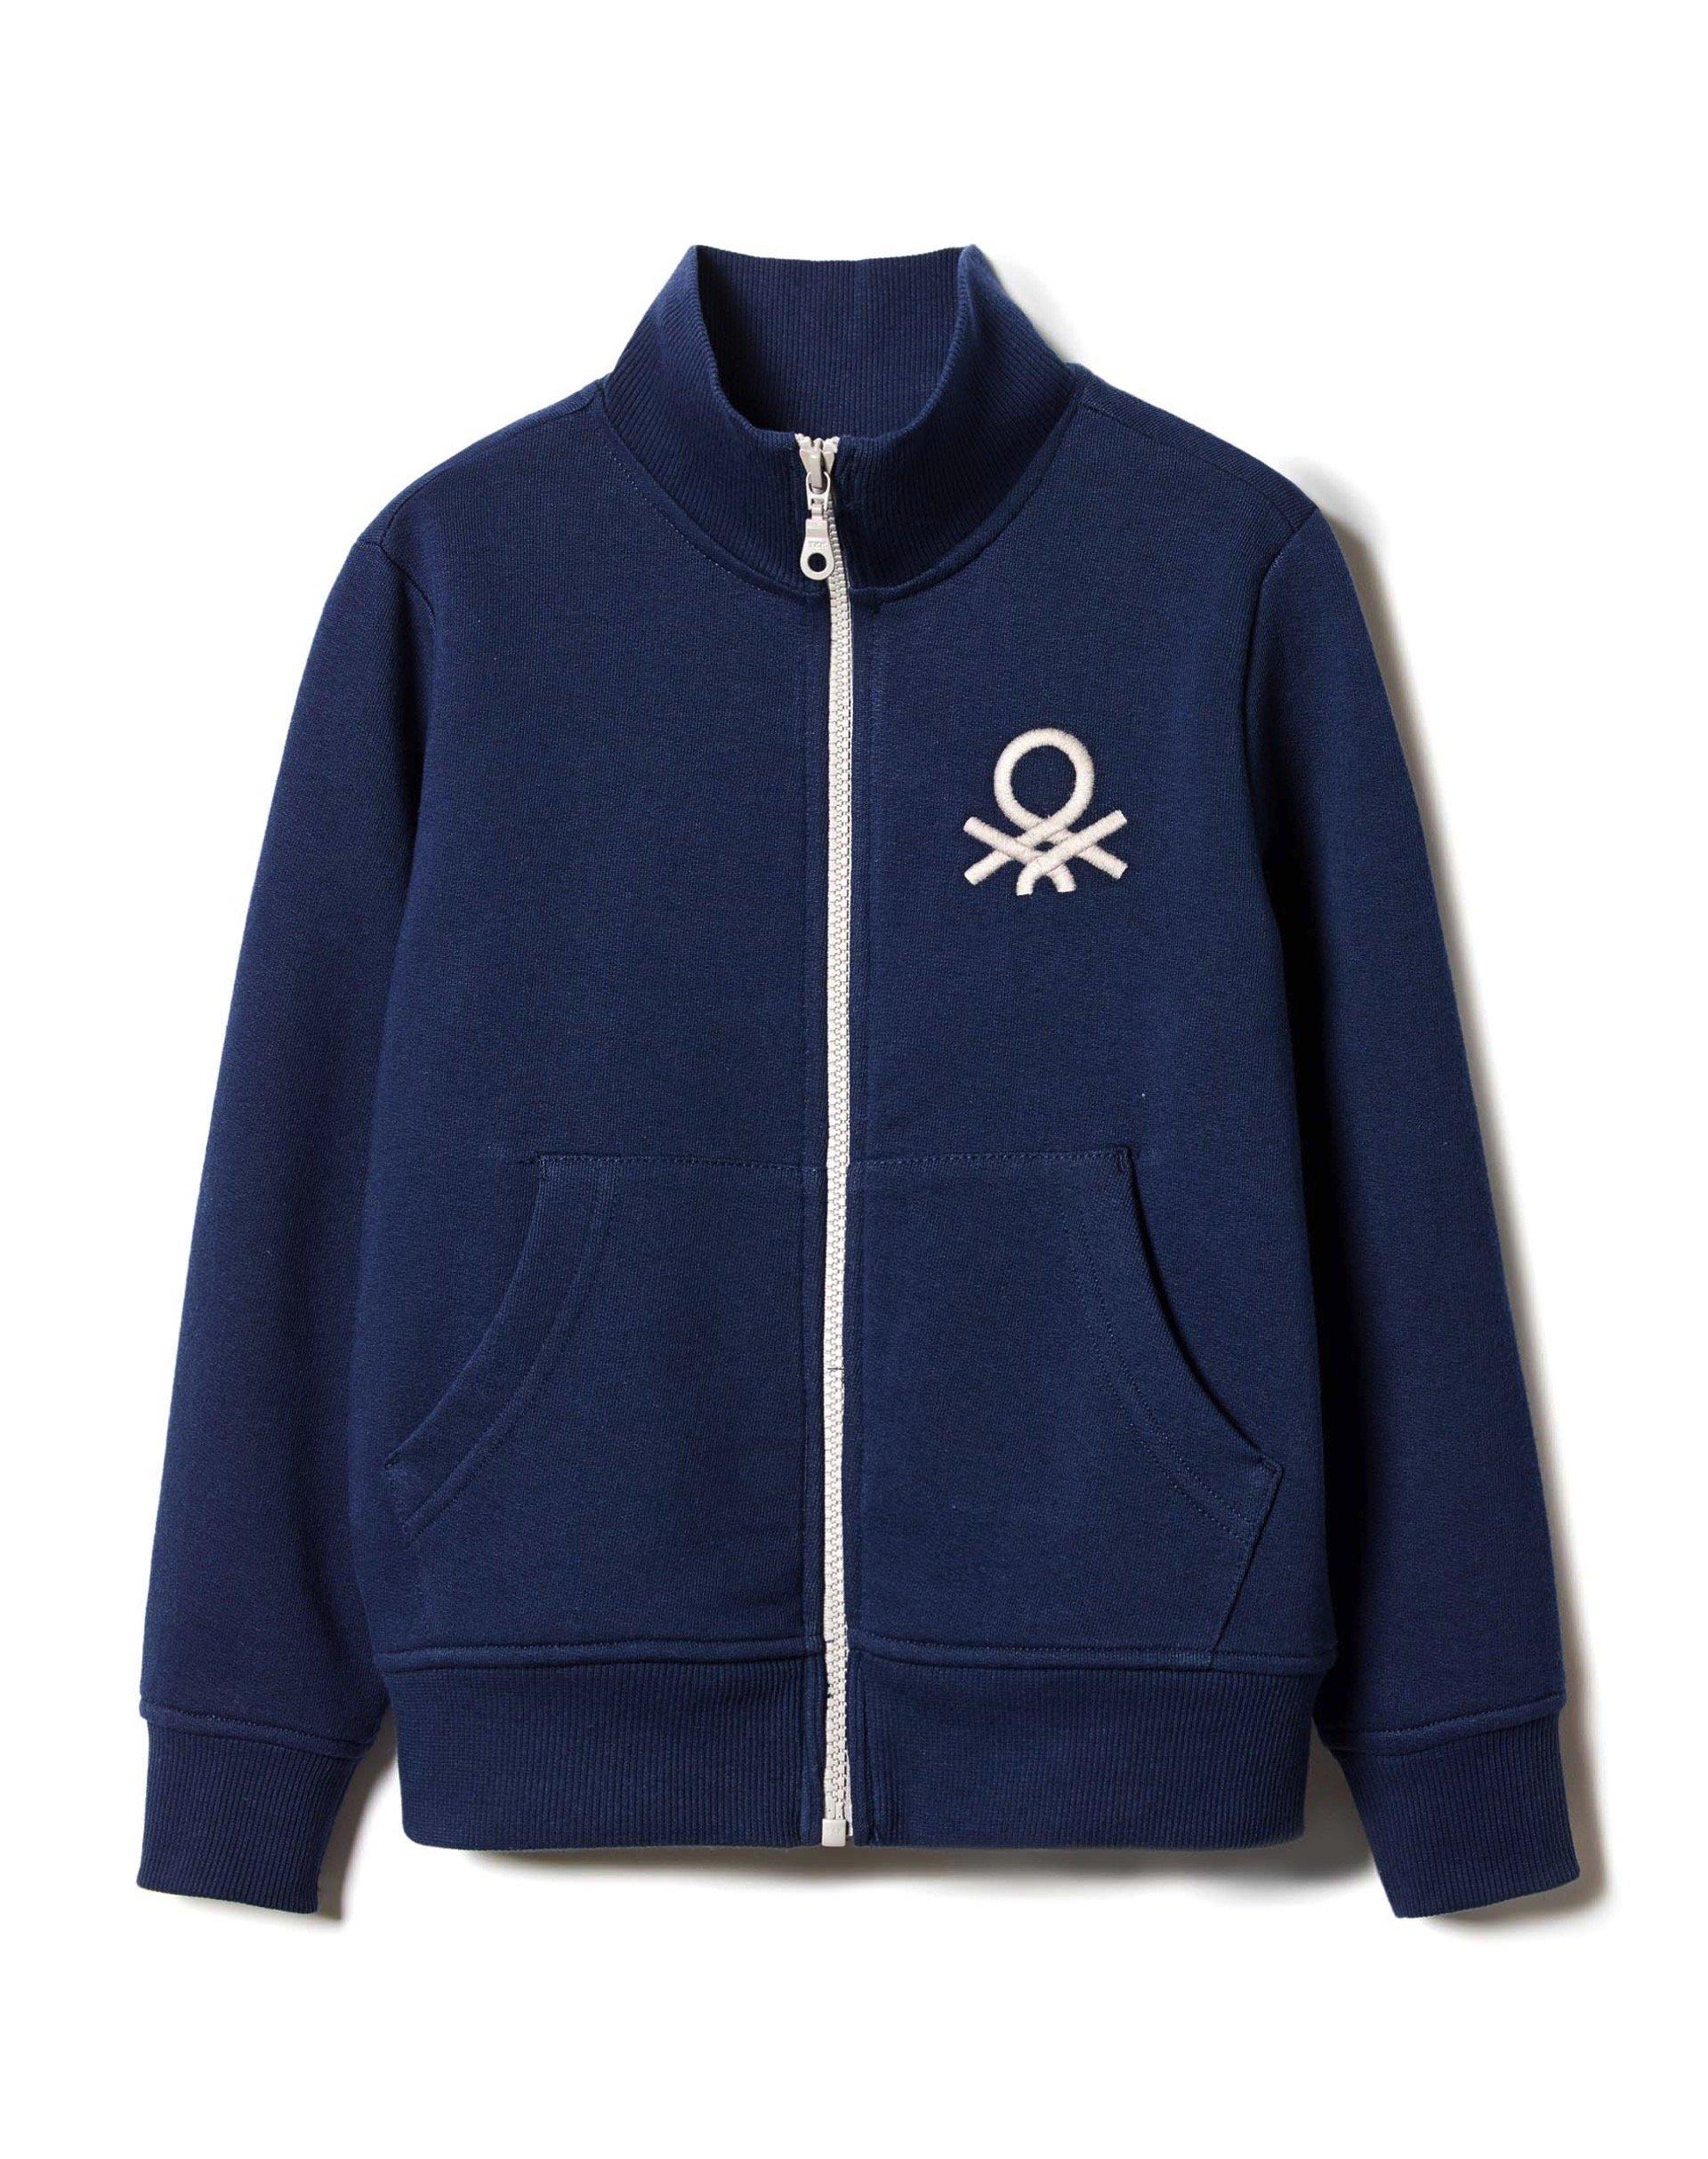 ТолстовкаТолстовки<br>Толстовка из 100% хлопка с длинным рукавом, застежкой на молнию, двумя карманами спереди и принтом с логотипом Benetton слева на груди. Воротничок-стойка, манжеты и низ изделия в рубчик.<br>Цвет: Синий; Размер: XL;